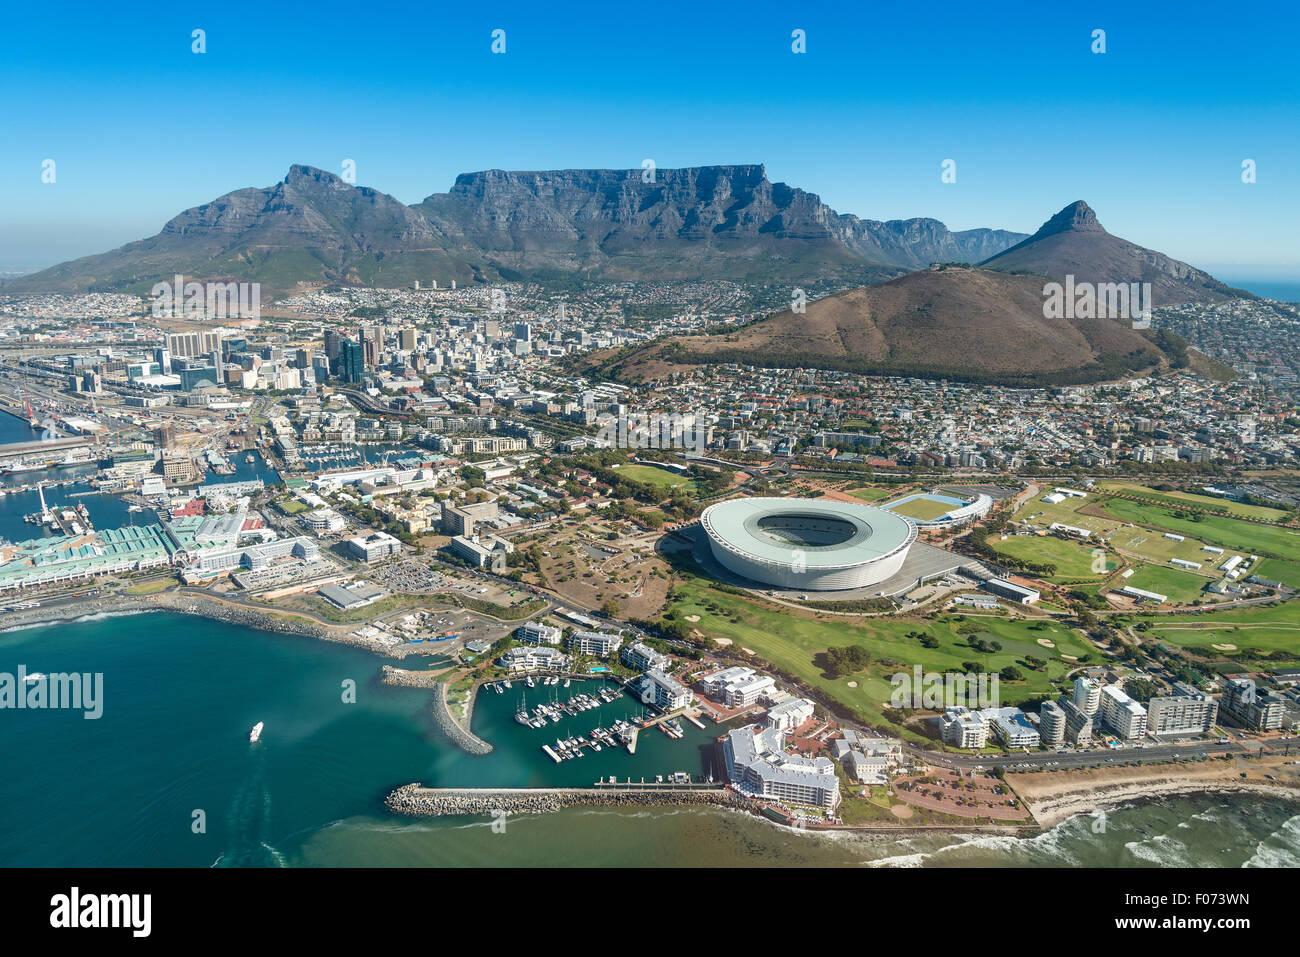 Vista aérea de Ciudad del Cabo, en la provincia de Western Cape, Sudáfrica Imagen De Stock